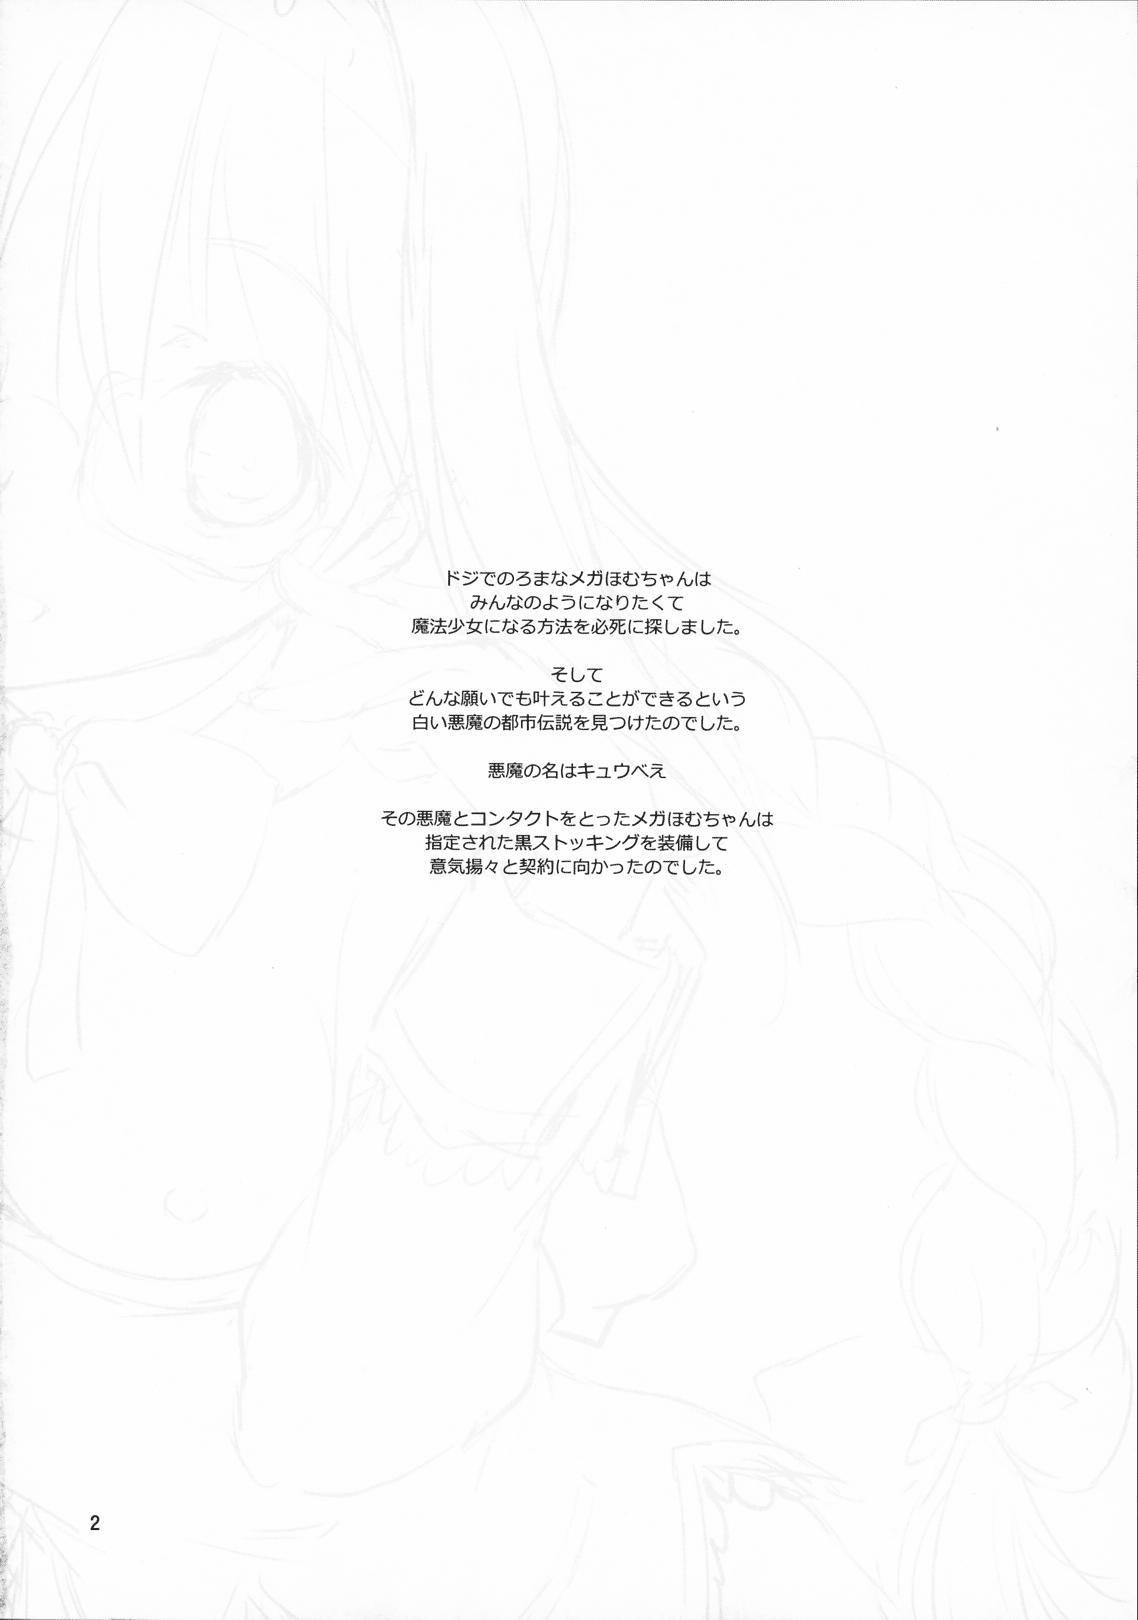 Megahomu-chan ni Kurosto Hakasetai!! 2